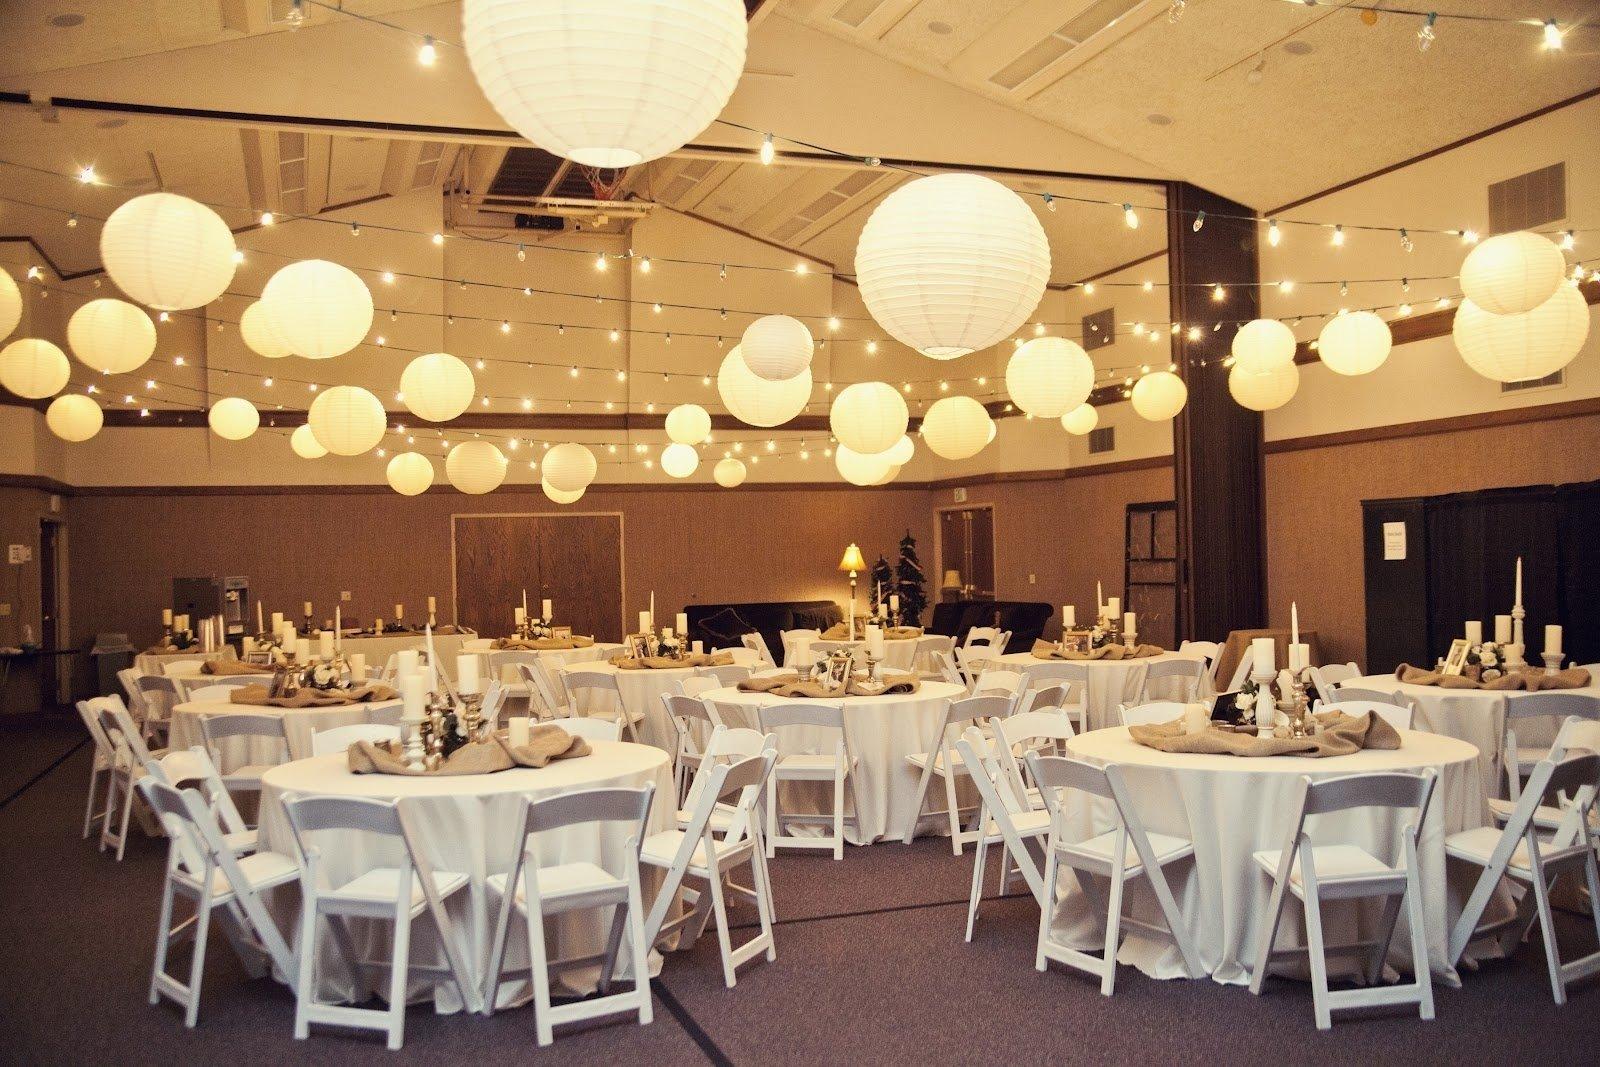 10 Pretty Fun Wedding Ideas On A Budget chic wedding reception ideas 20 unique wedding reception ideas on a 2020